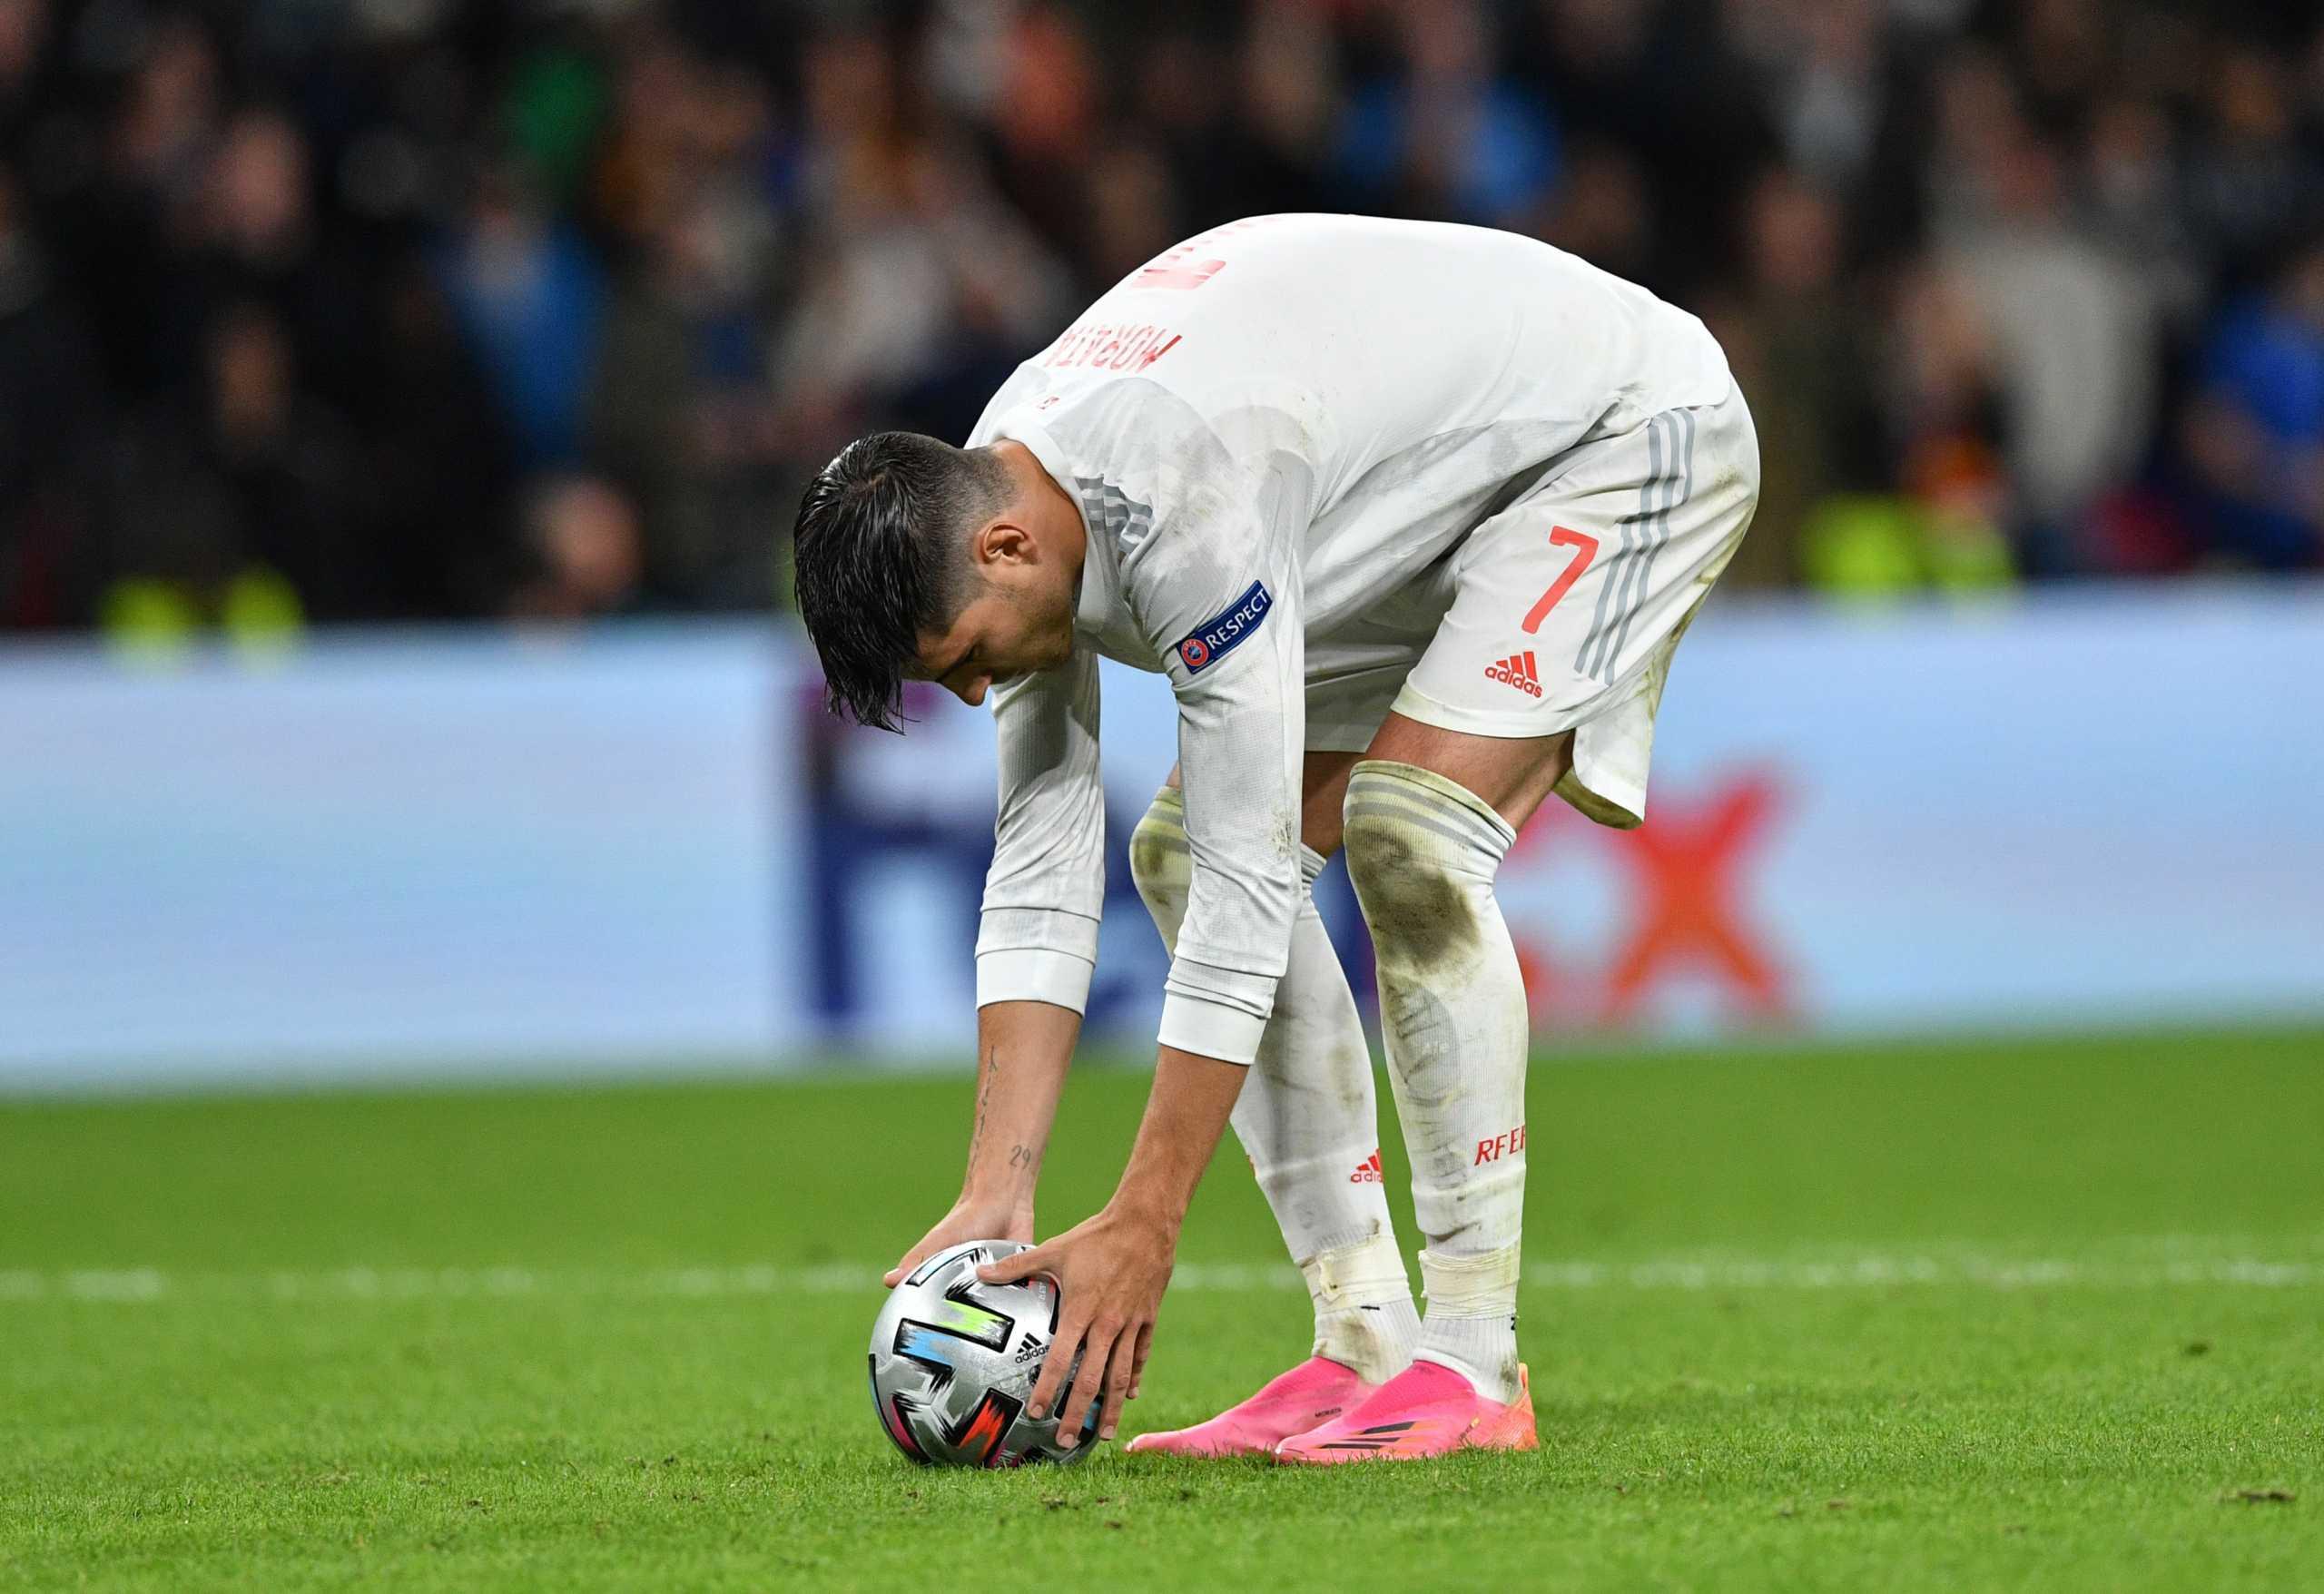 Euro 2020: Ο Πικέ έκανε λόγο για αδικία στα πέναλτι λόγω νομίσματος